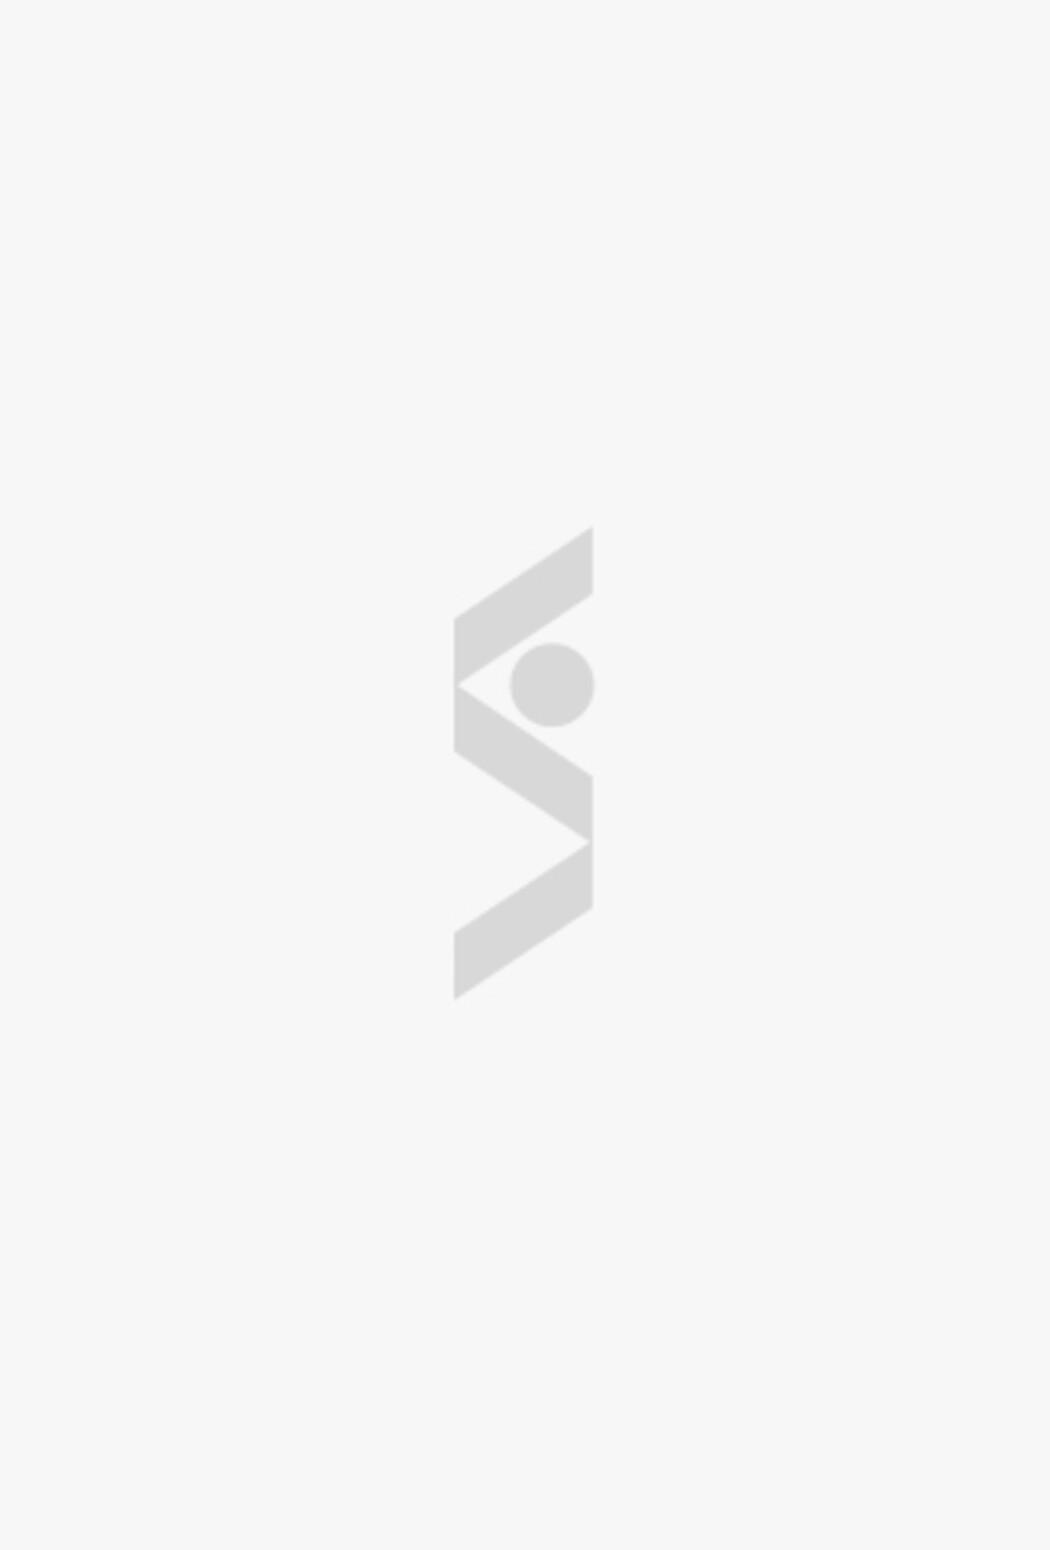 Двубортное пальто со съемным воротником BELUCCI - цена 7990 ₽ купить в интернет-магазине СТОКМАНН в Санкт-Петербурге